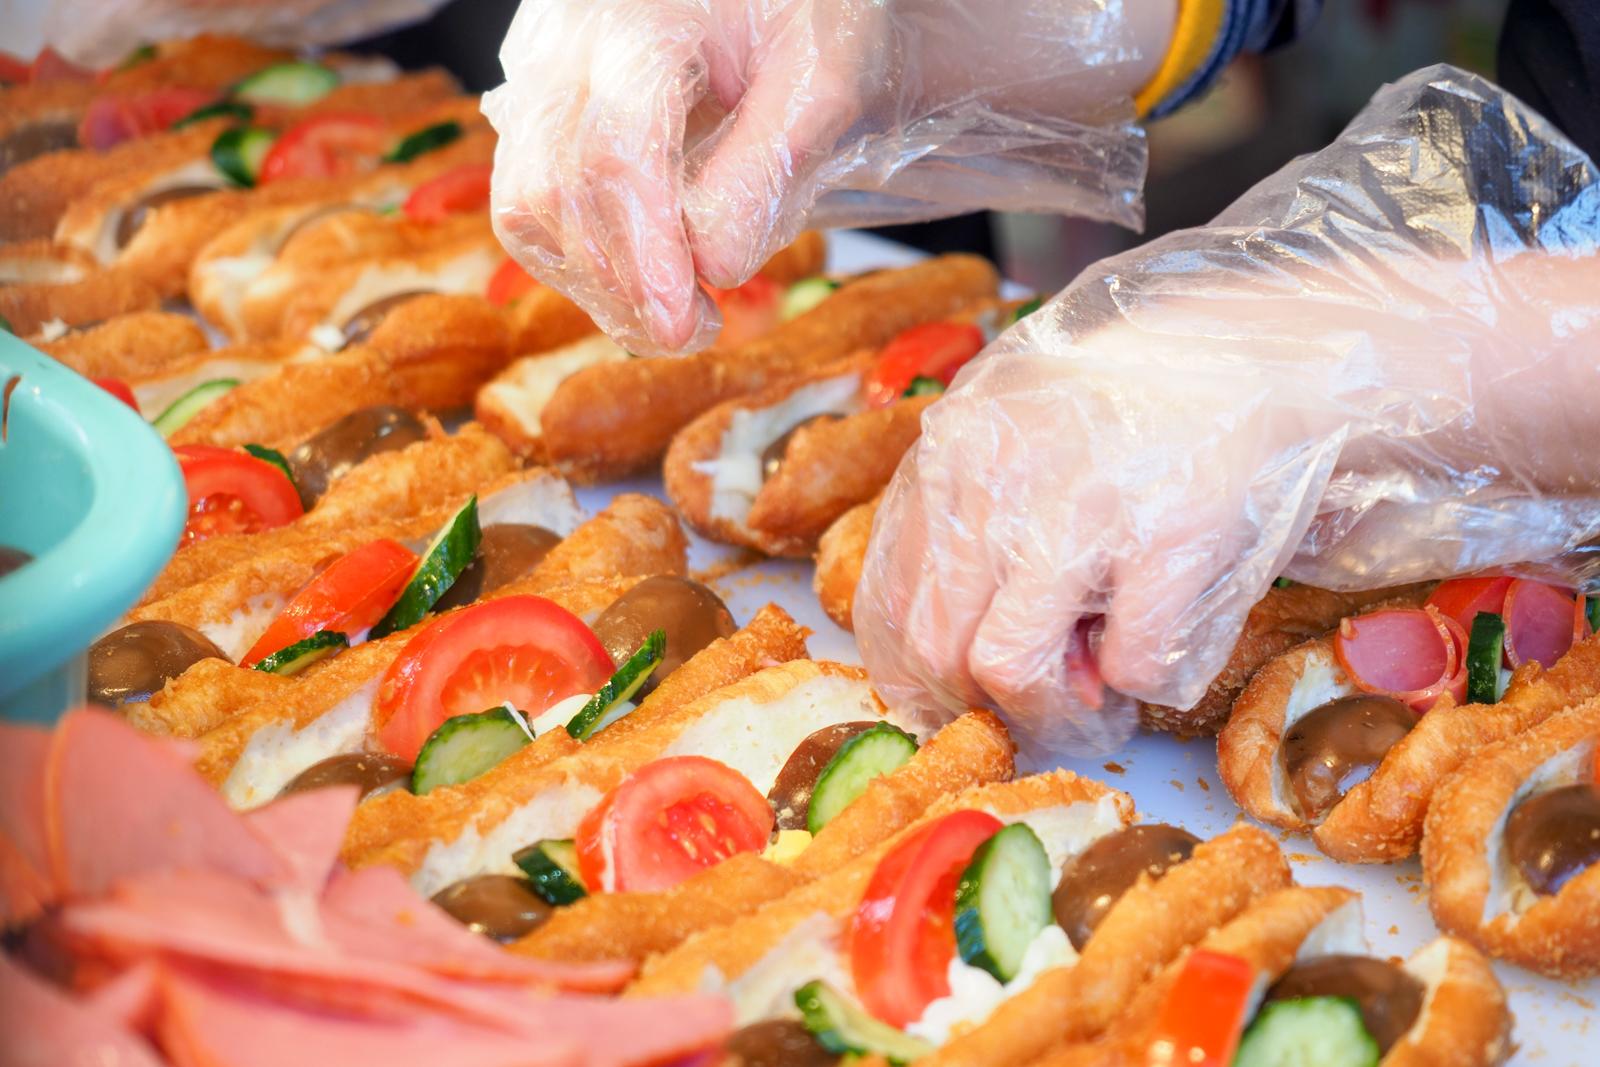 【七堵美食】七堵家傳營養三明治  三份一百美味又便宜 誰還會去買基隆廟口營養三明治